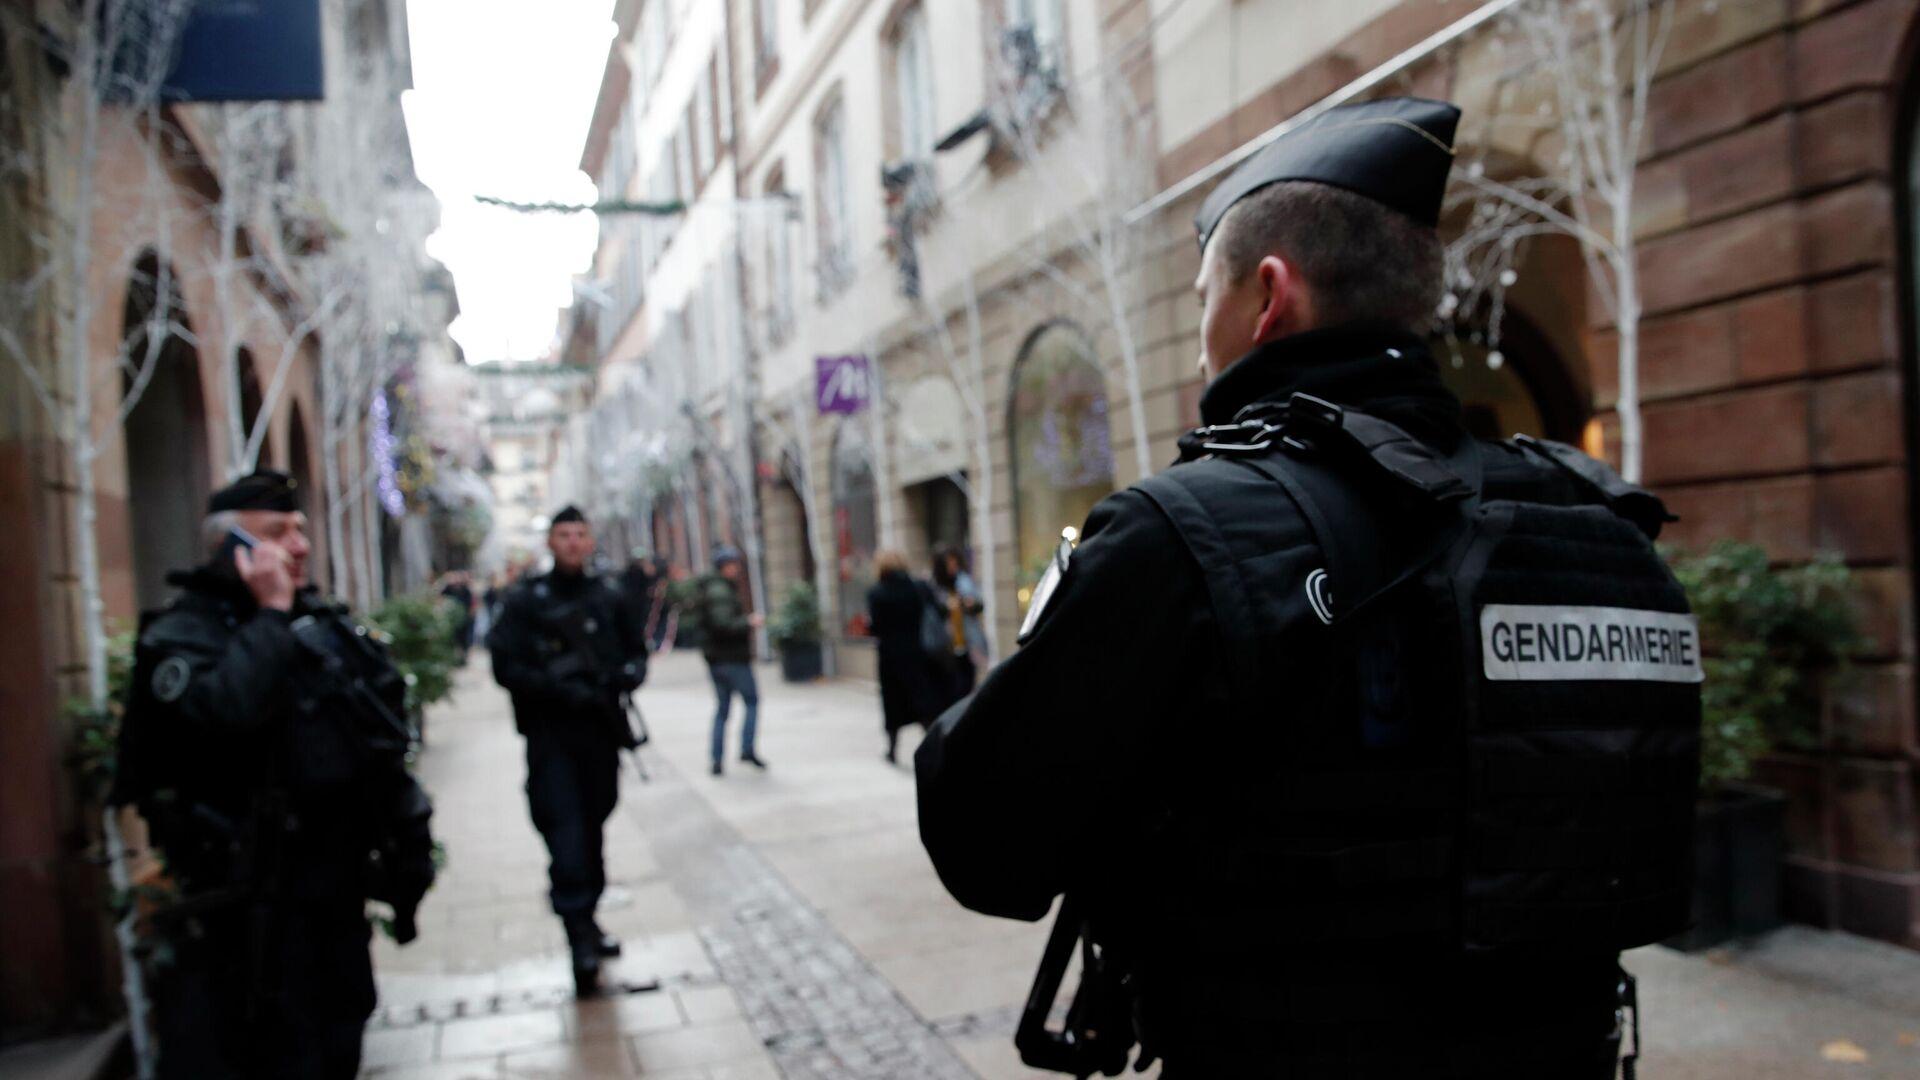 Французские жандармы патрулируют улицу - РИА Новости, 1920, 06.03.2021